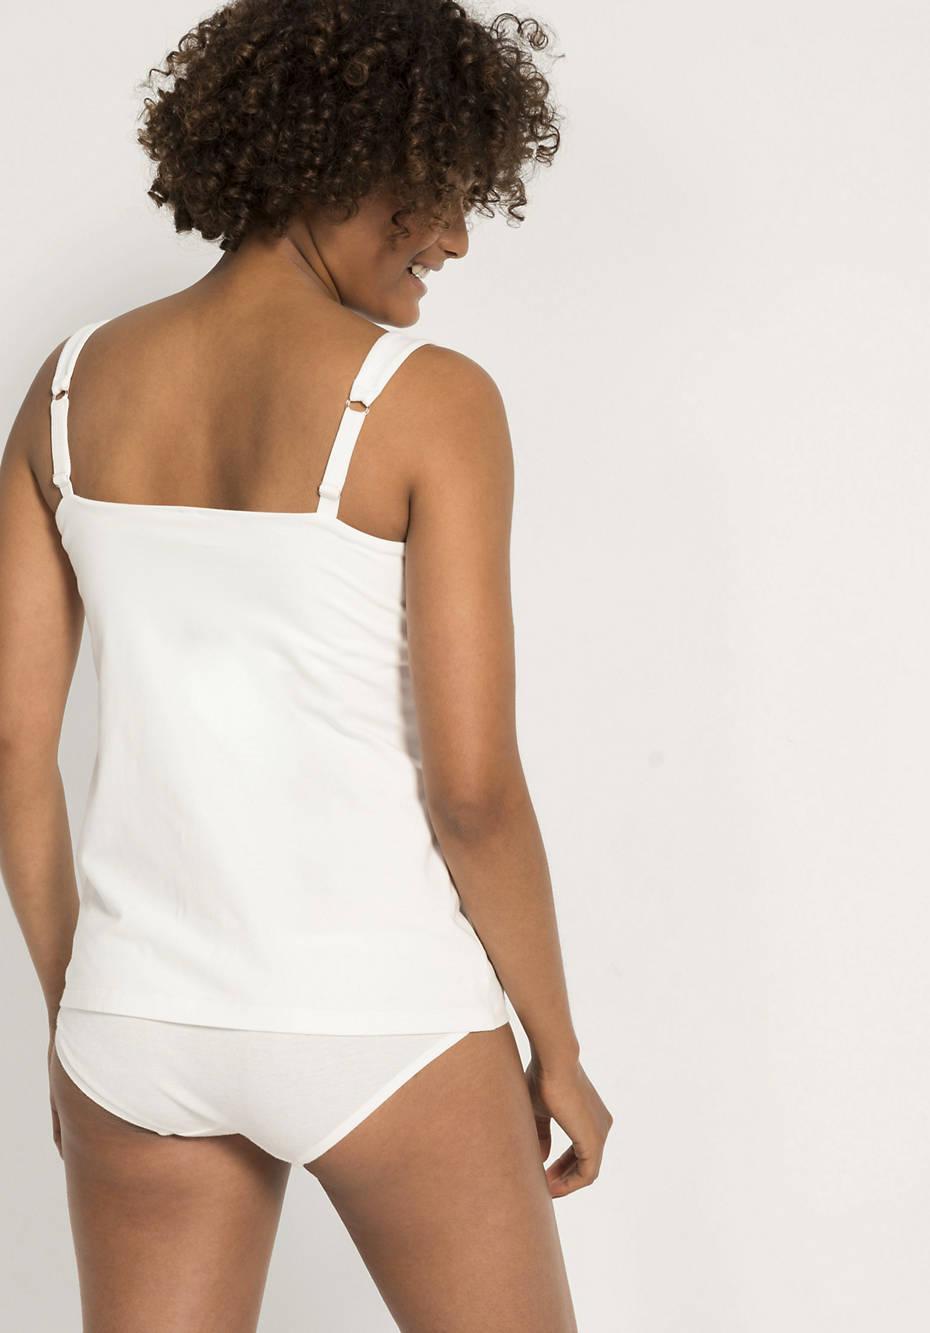 Nursing top made of organic cotton